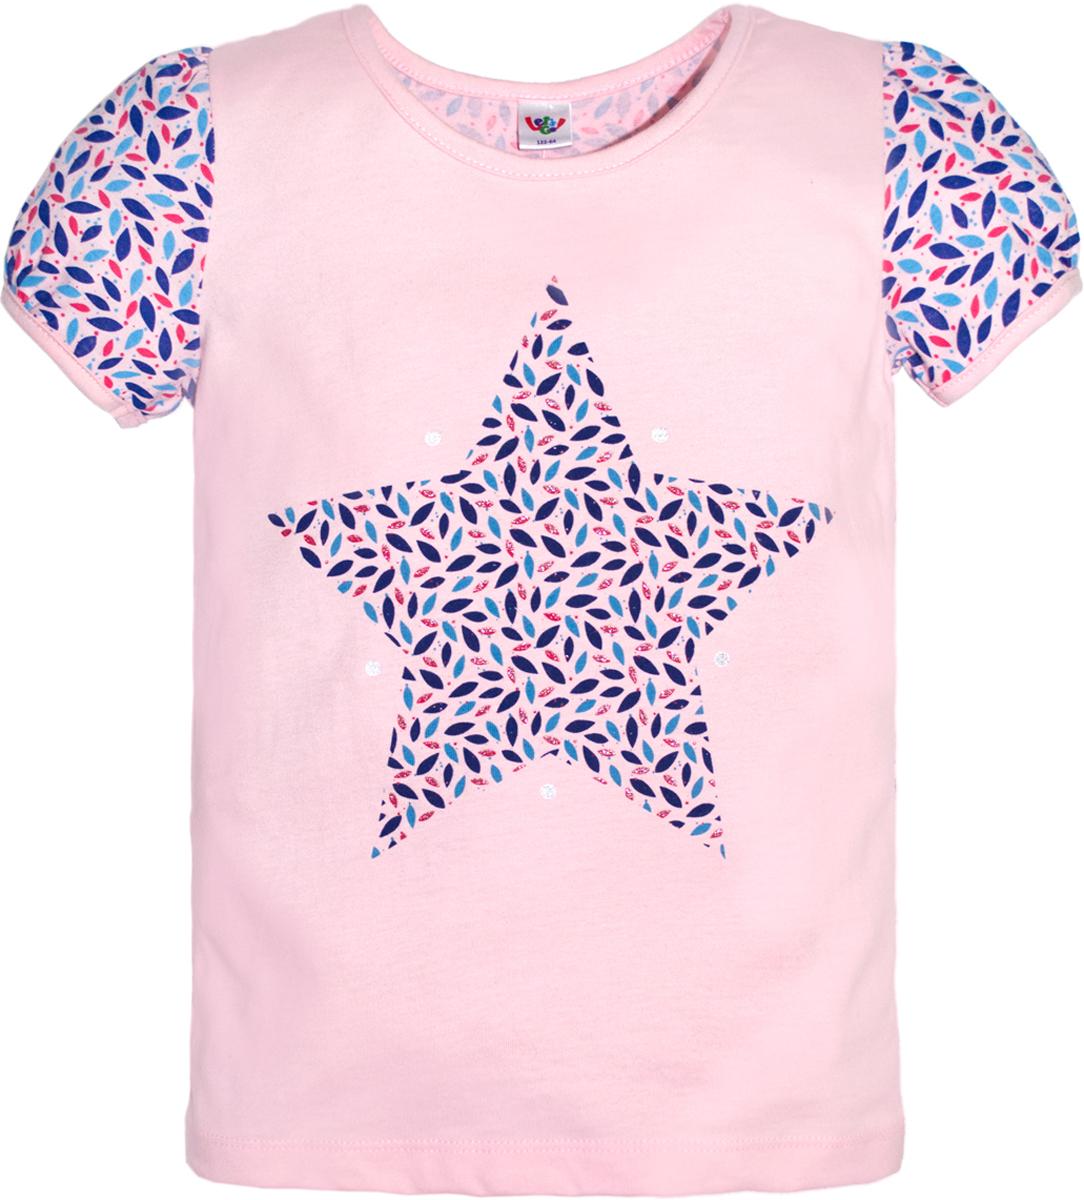 Футболка для девочки Lets Go, цвет: розовый. 5126. Размер 1105126Футболка для девочки Lets Go выполнена из хлопка и оформлена принтом. Модель с круглым вырезом горловины и короткими рукавами.